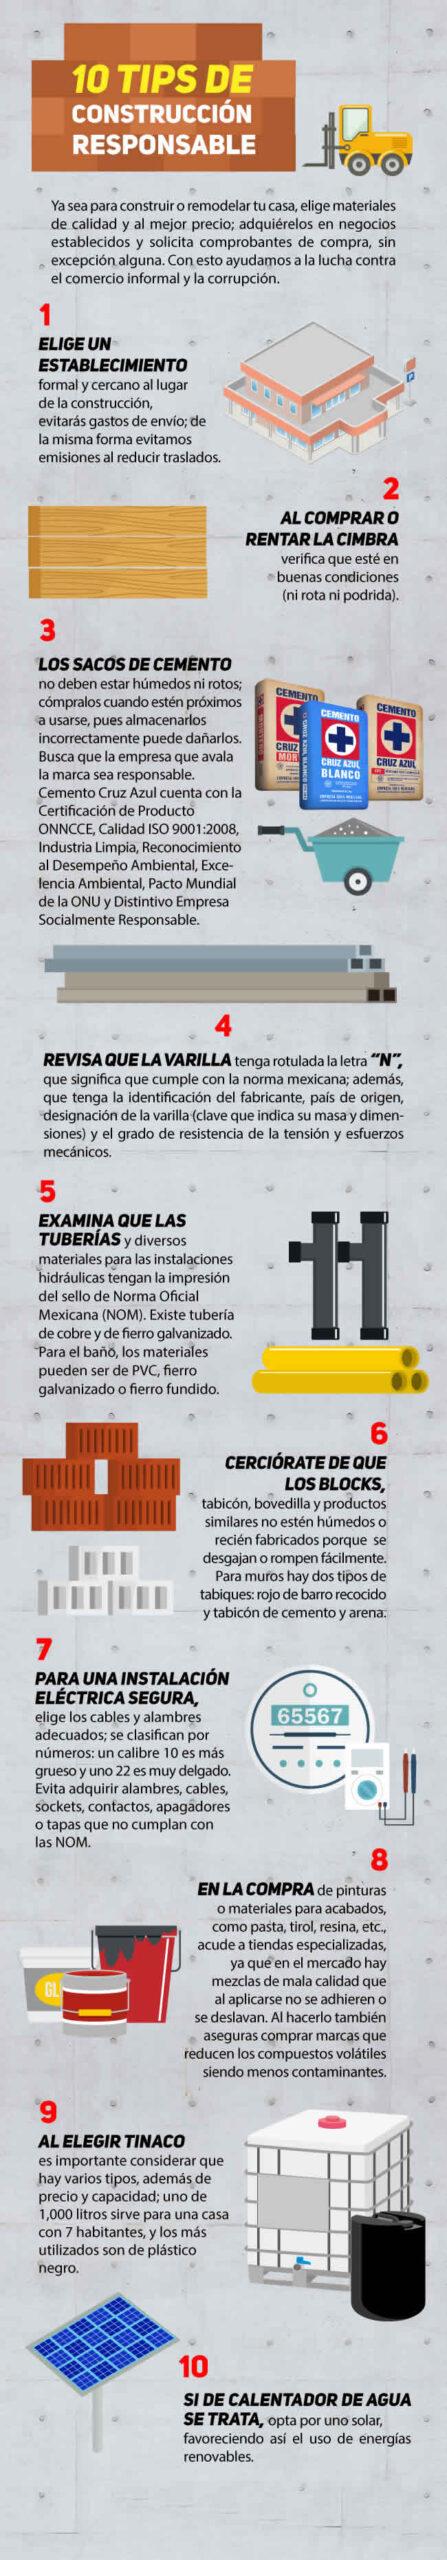 HERMES LLATAS CONSTRUCTORA | TIPS PARA LA CONSTRUCCION RESPONSABLE